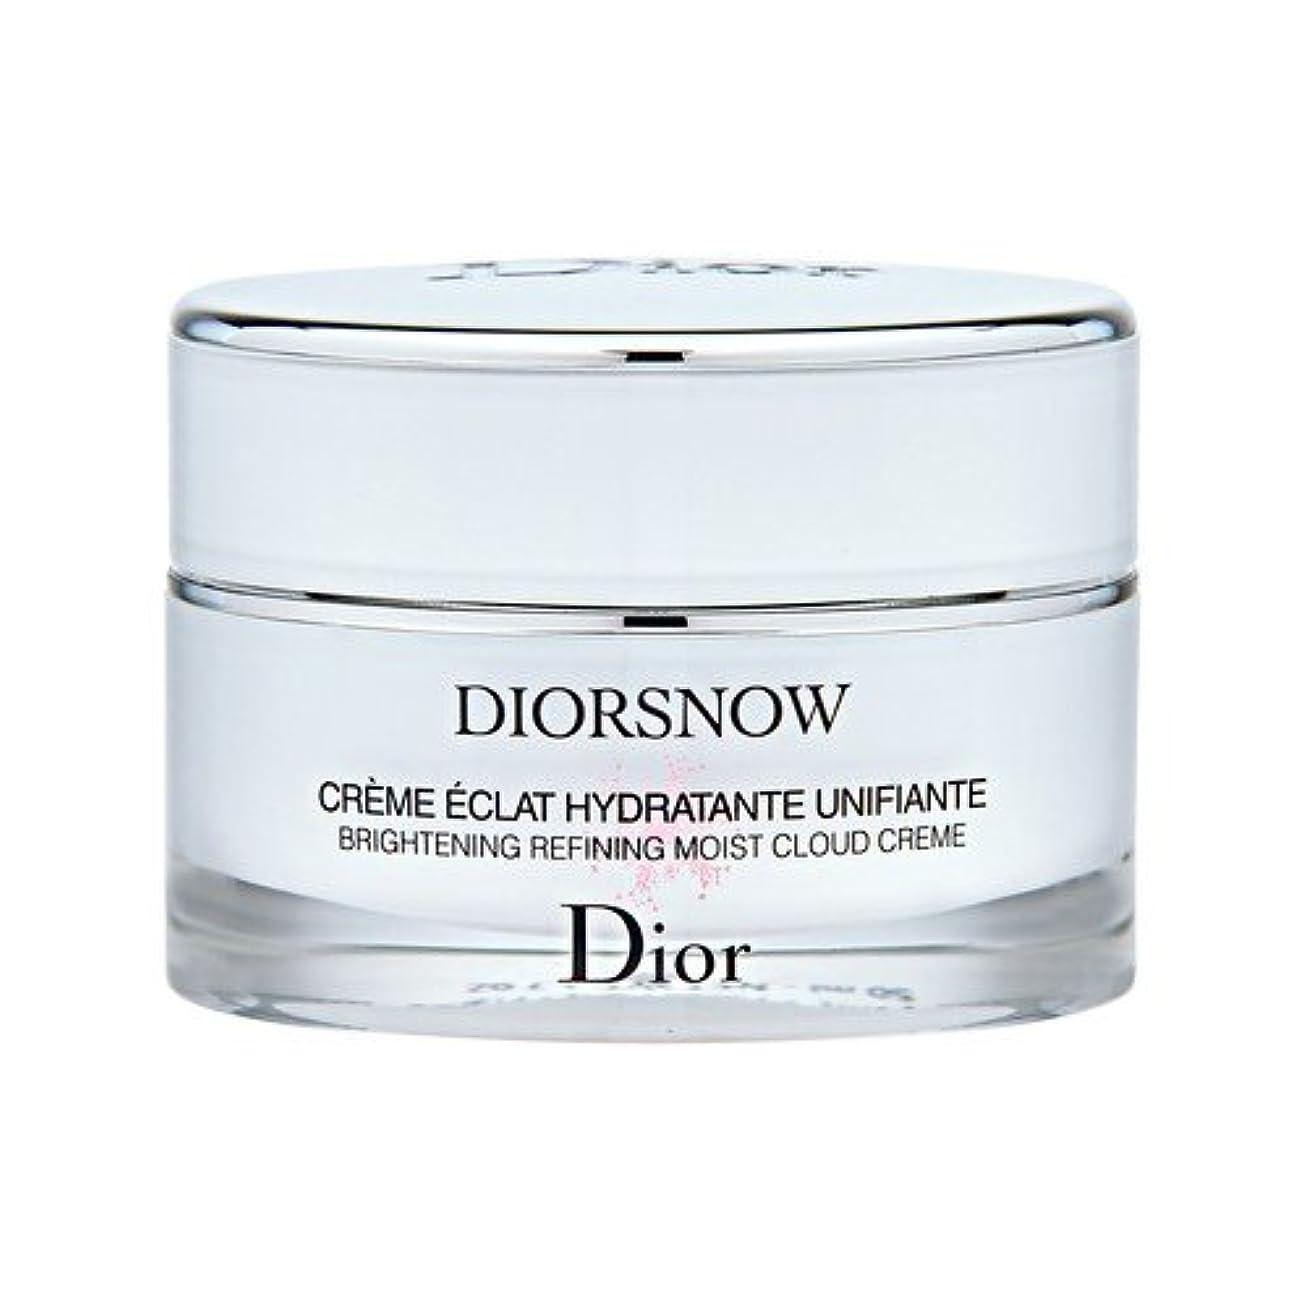 はちみつ鋸歯状誰でもクリスチャン ディオール(Christian Dior) スノー ブライトニング モイスト クリーム 50ml[並行輸入品]